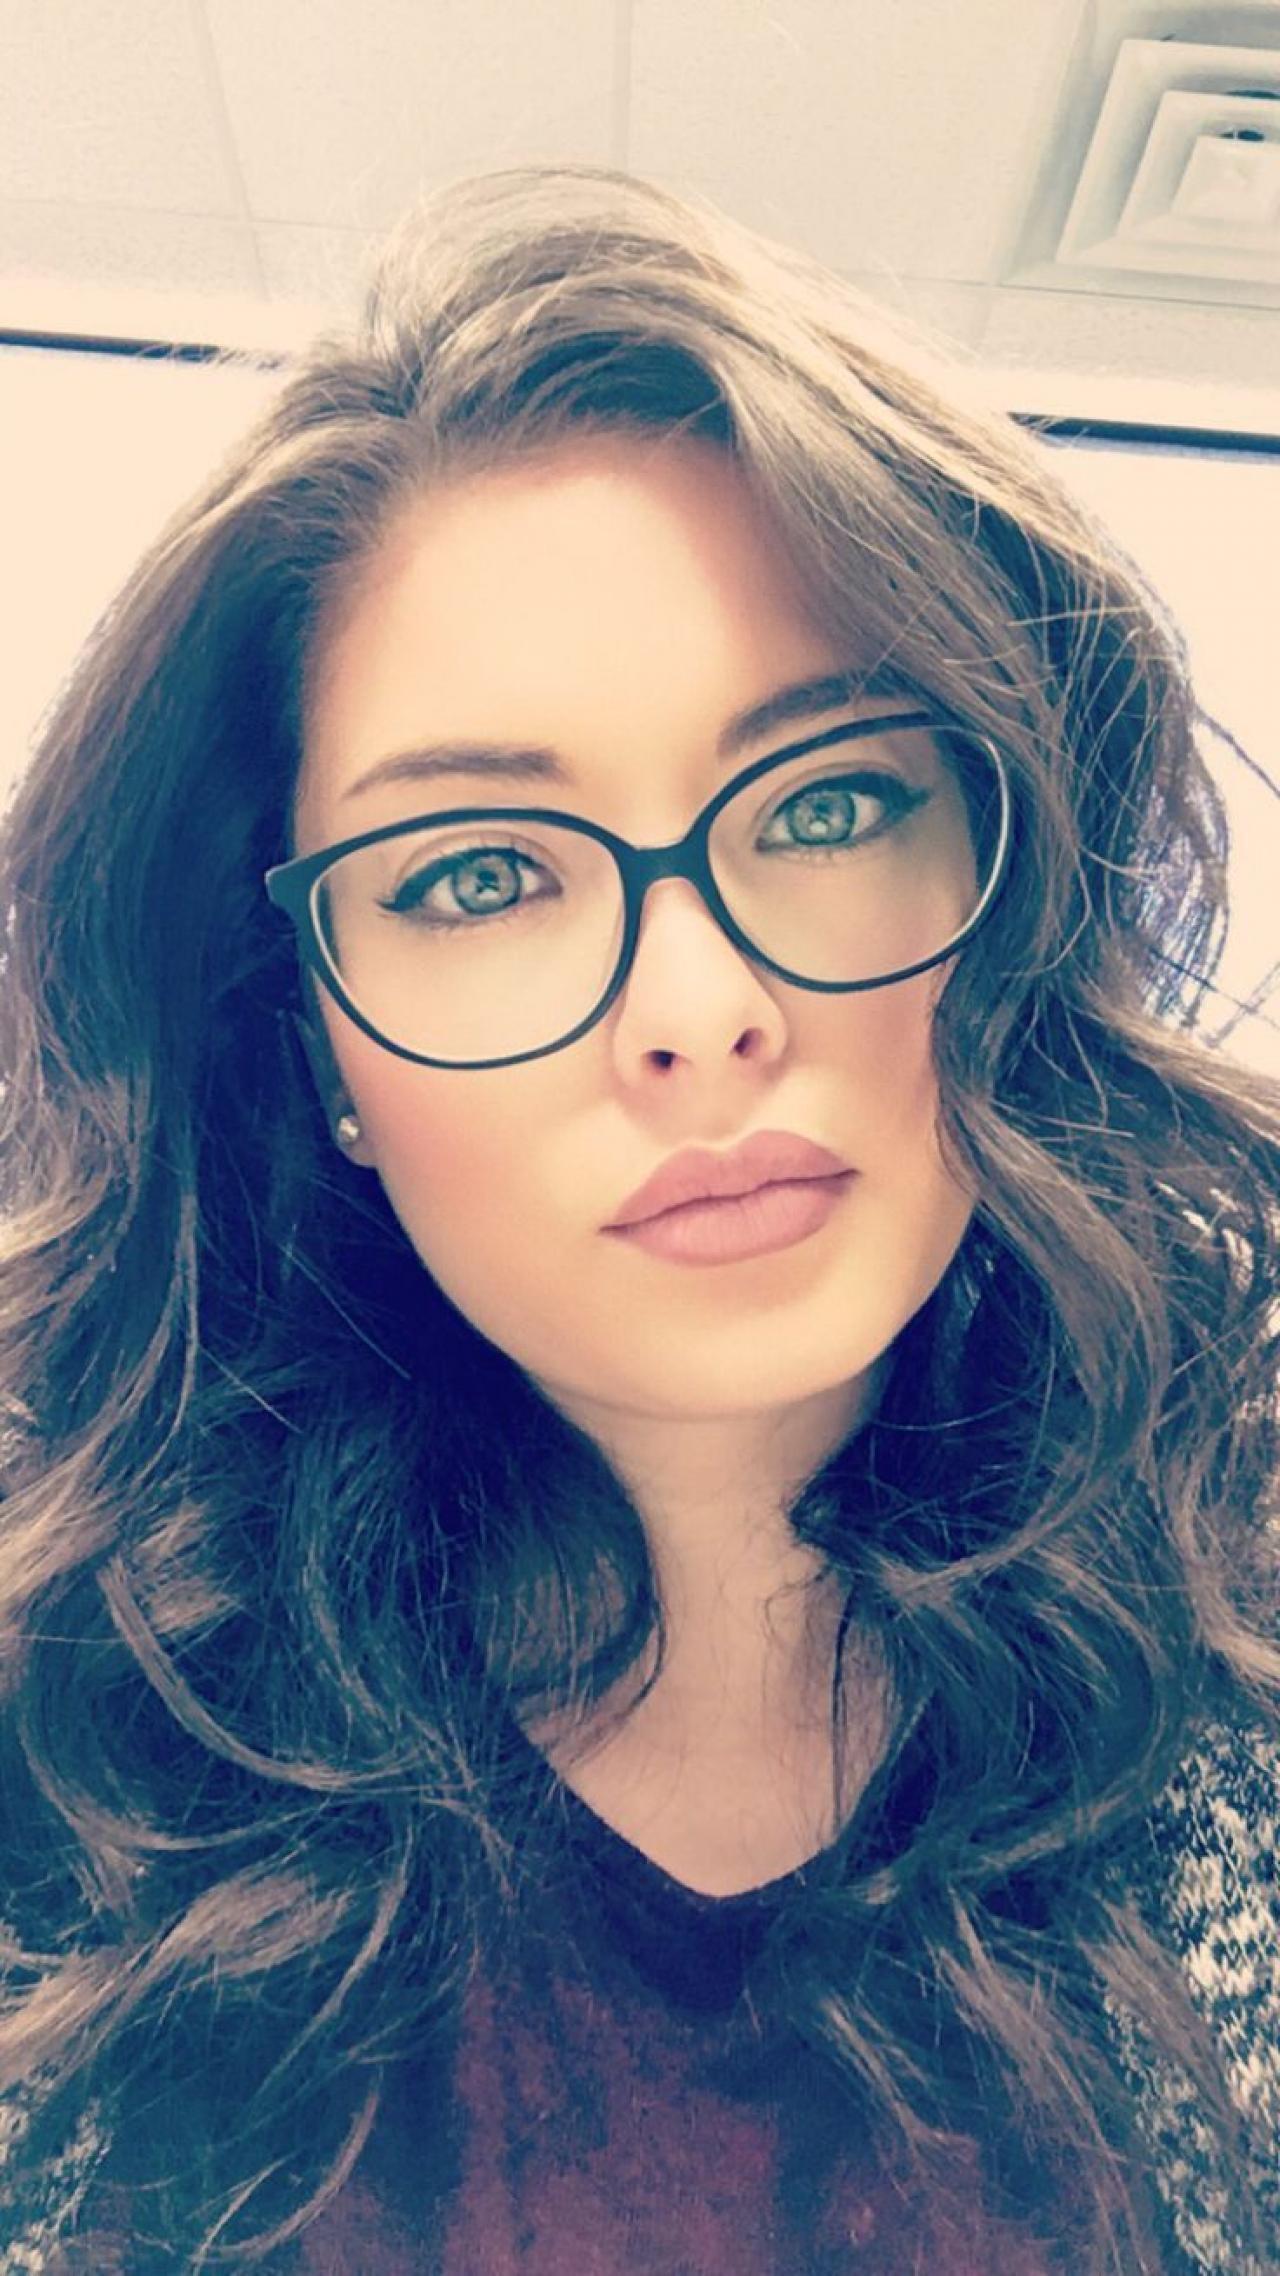 Неповторимое очарование девушек в очках